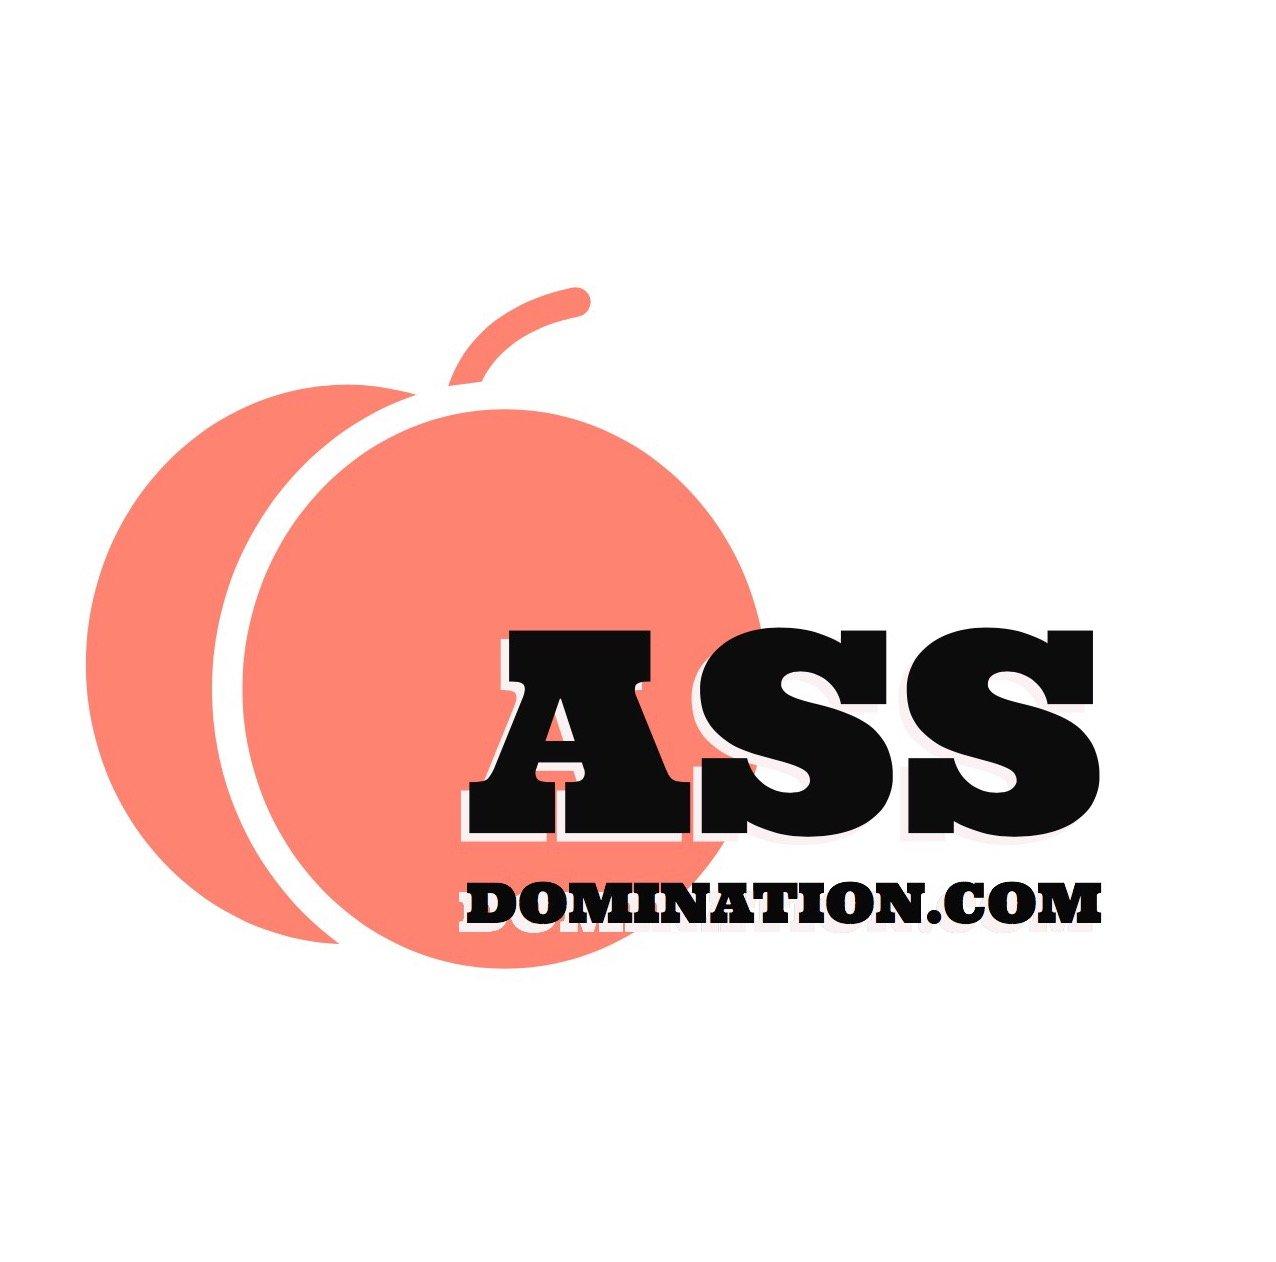 Ass Domination